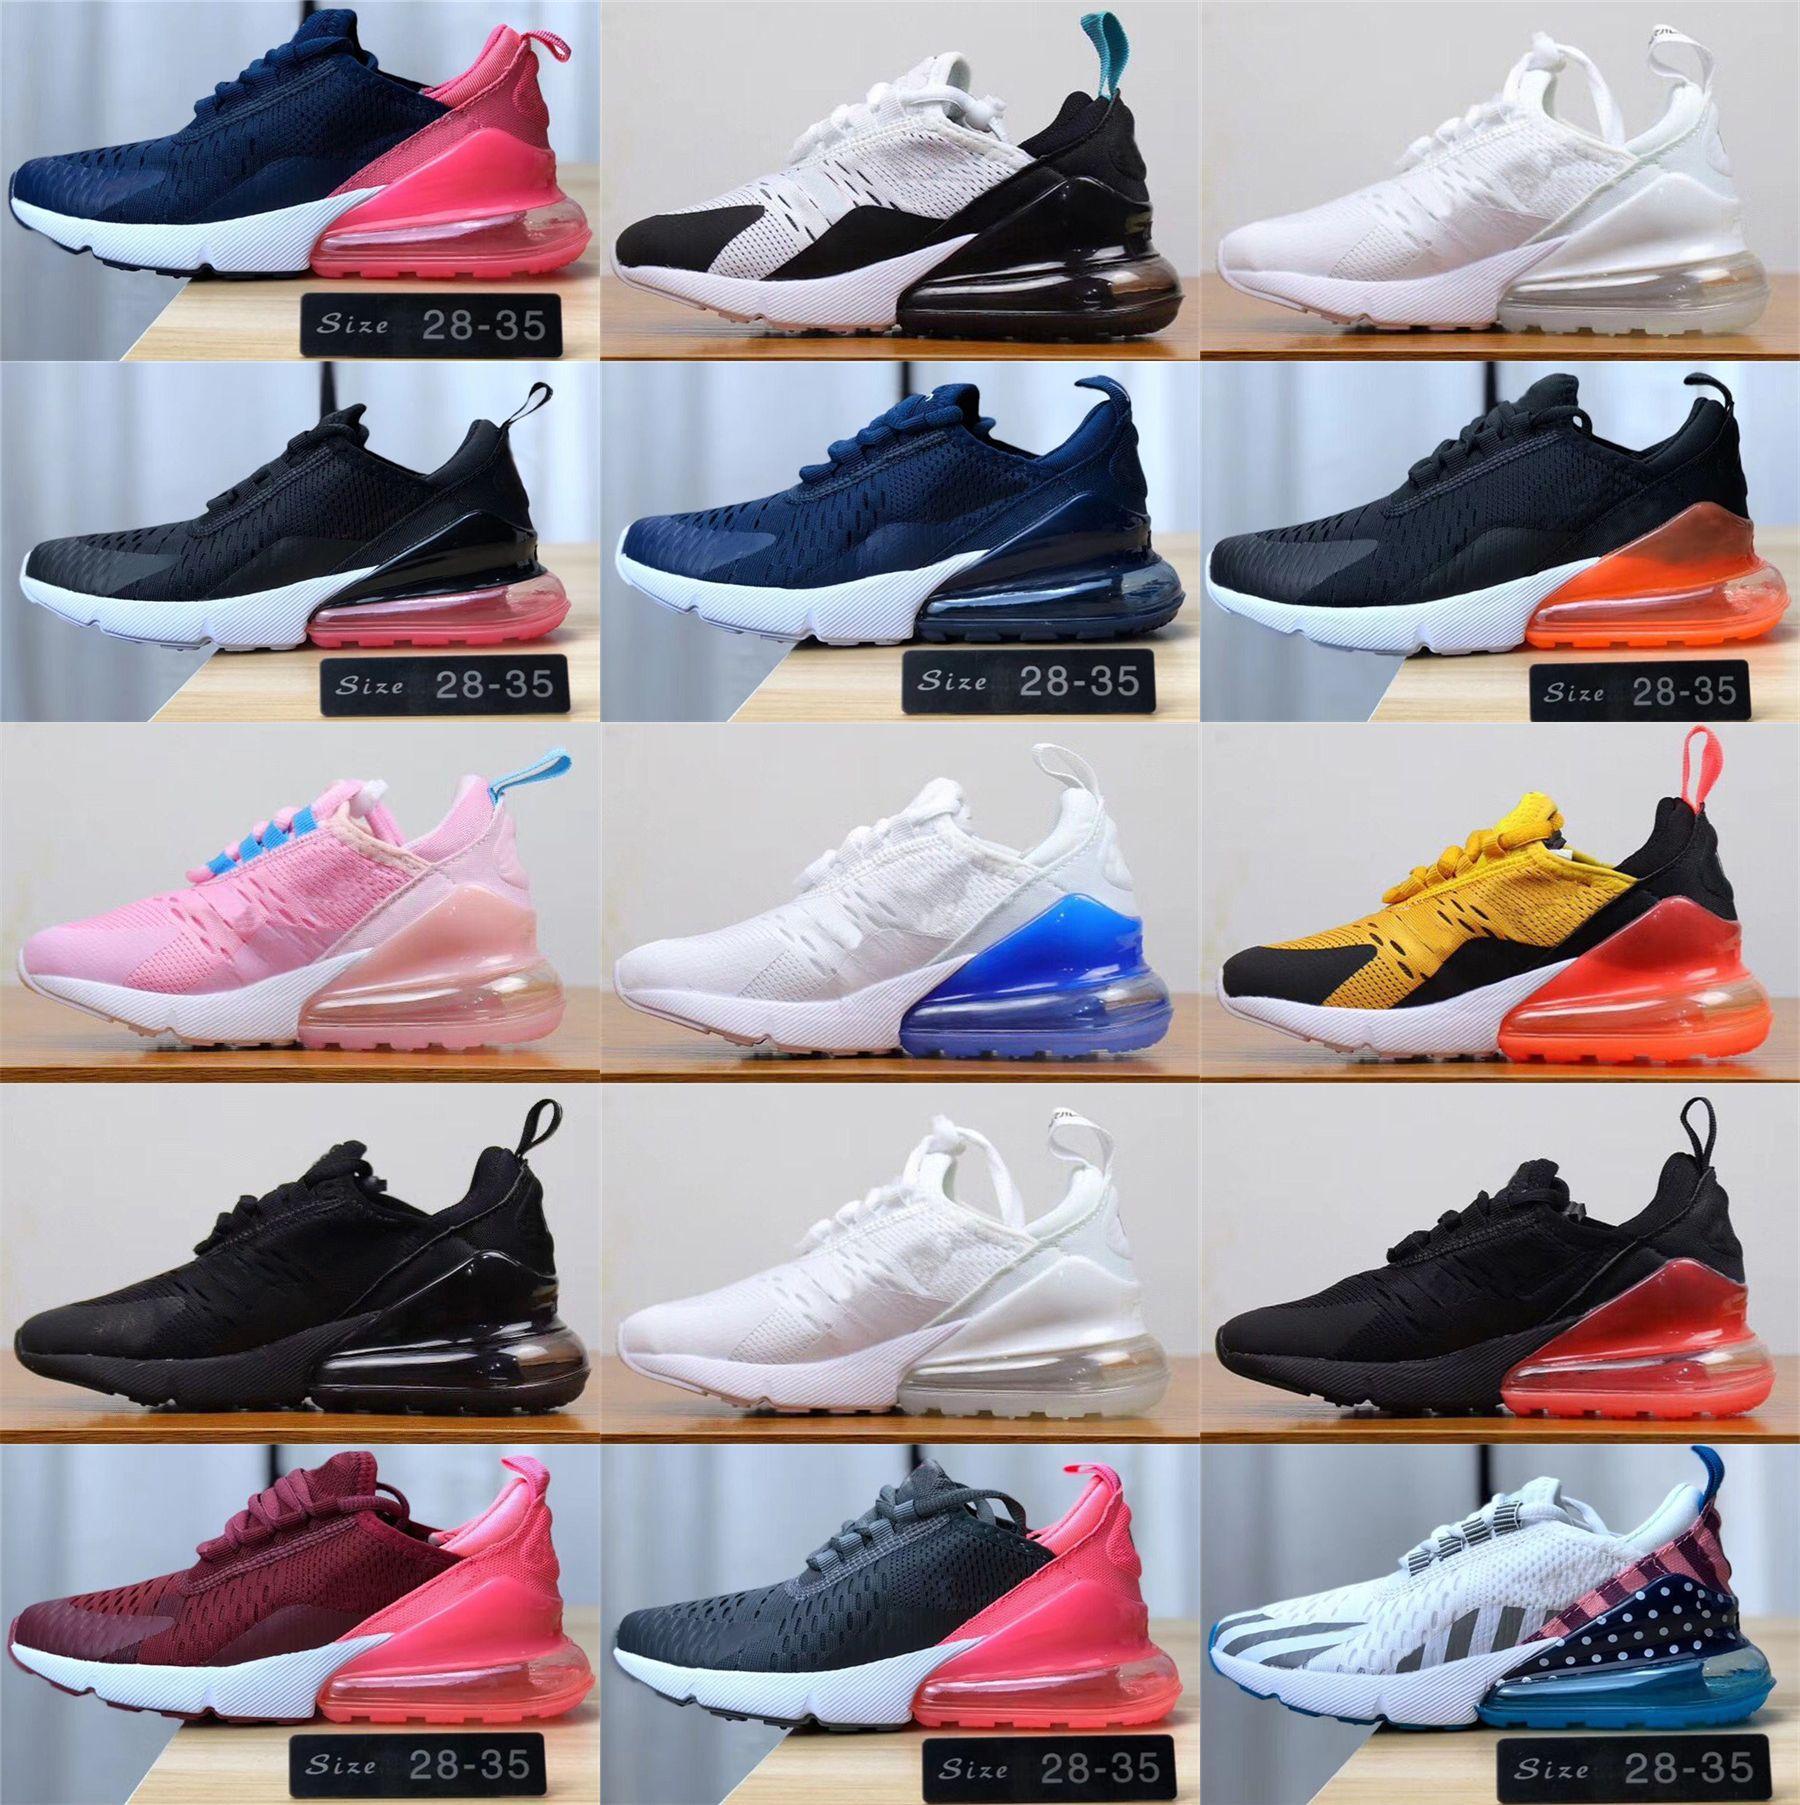 2020 crianças Athletic Shoes Crianças 27c tênis de basquete 270S lobo cinzento criança 270 Esporte Sneakers para o menino da menina da criança Chaussures Pour Enfant